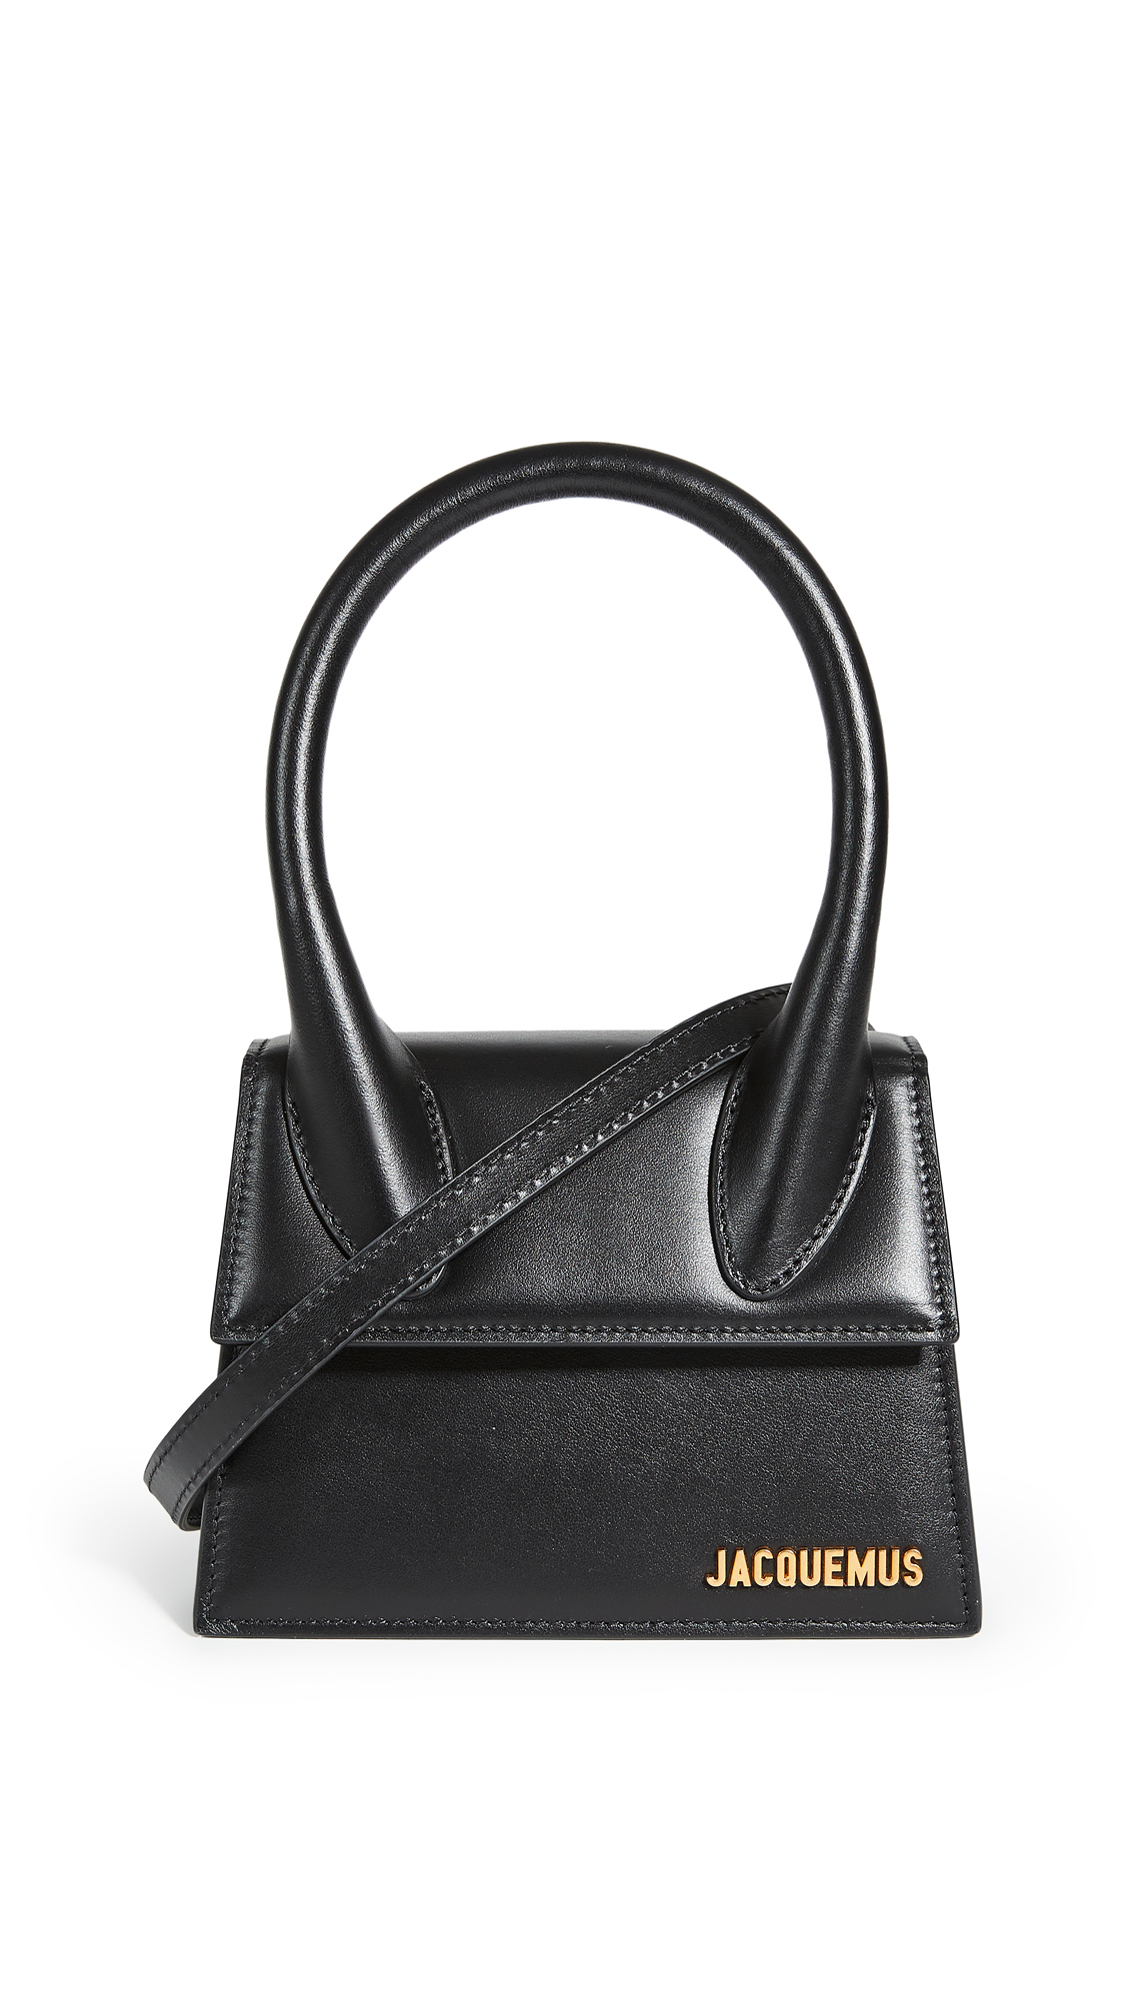 Jacquemus Le Chiquito Moyen Bag